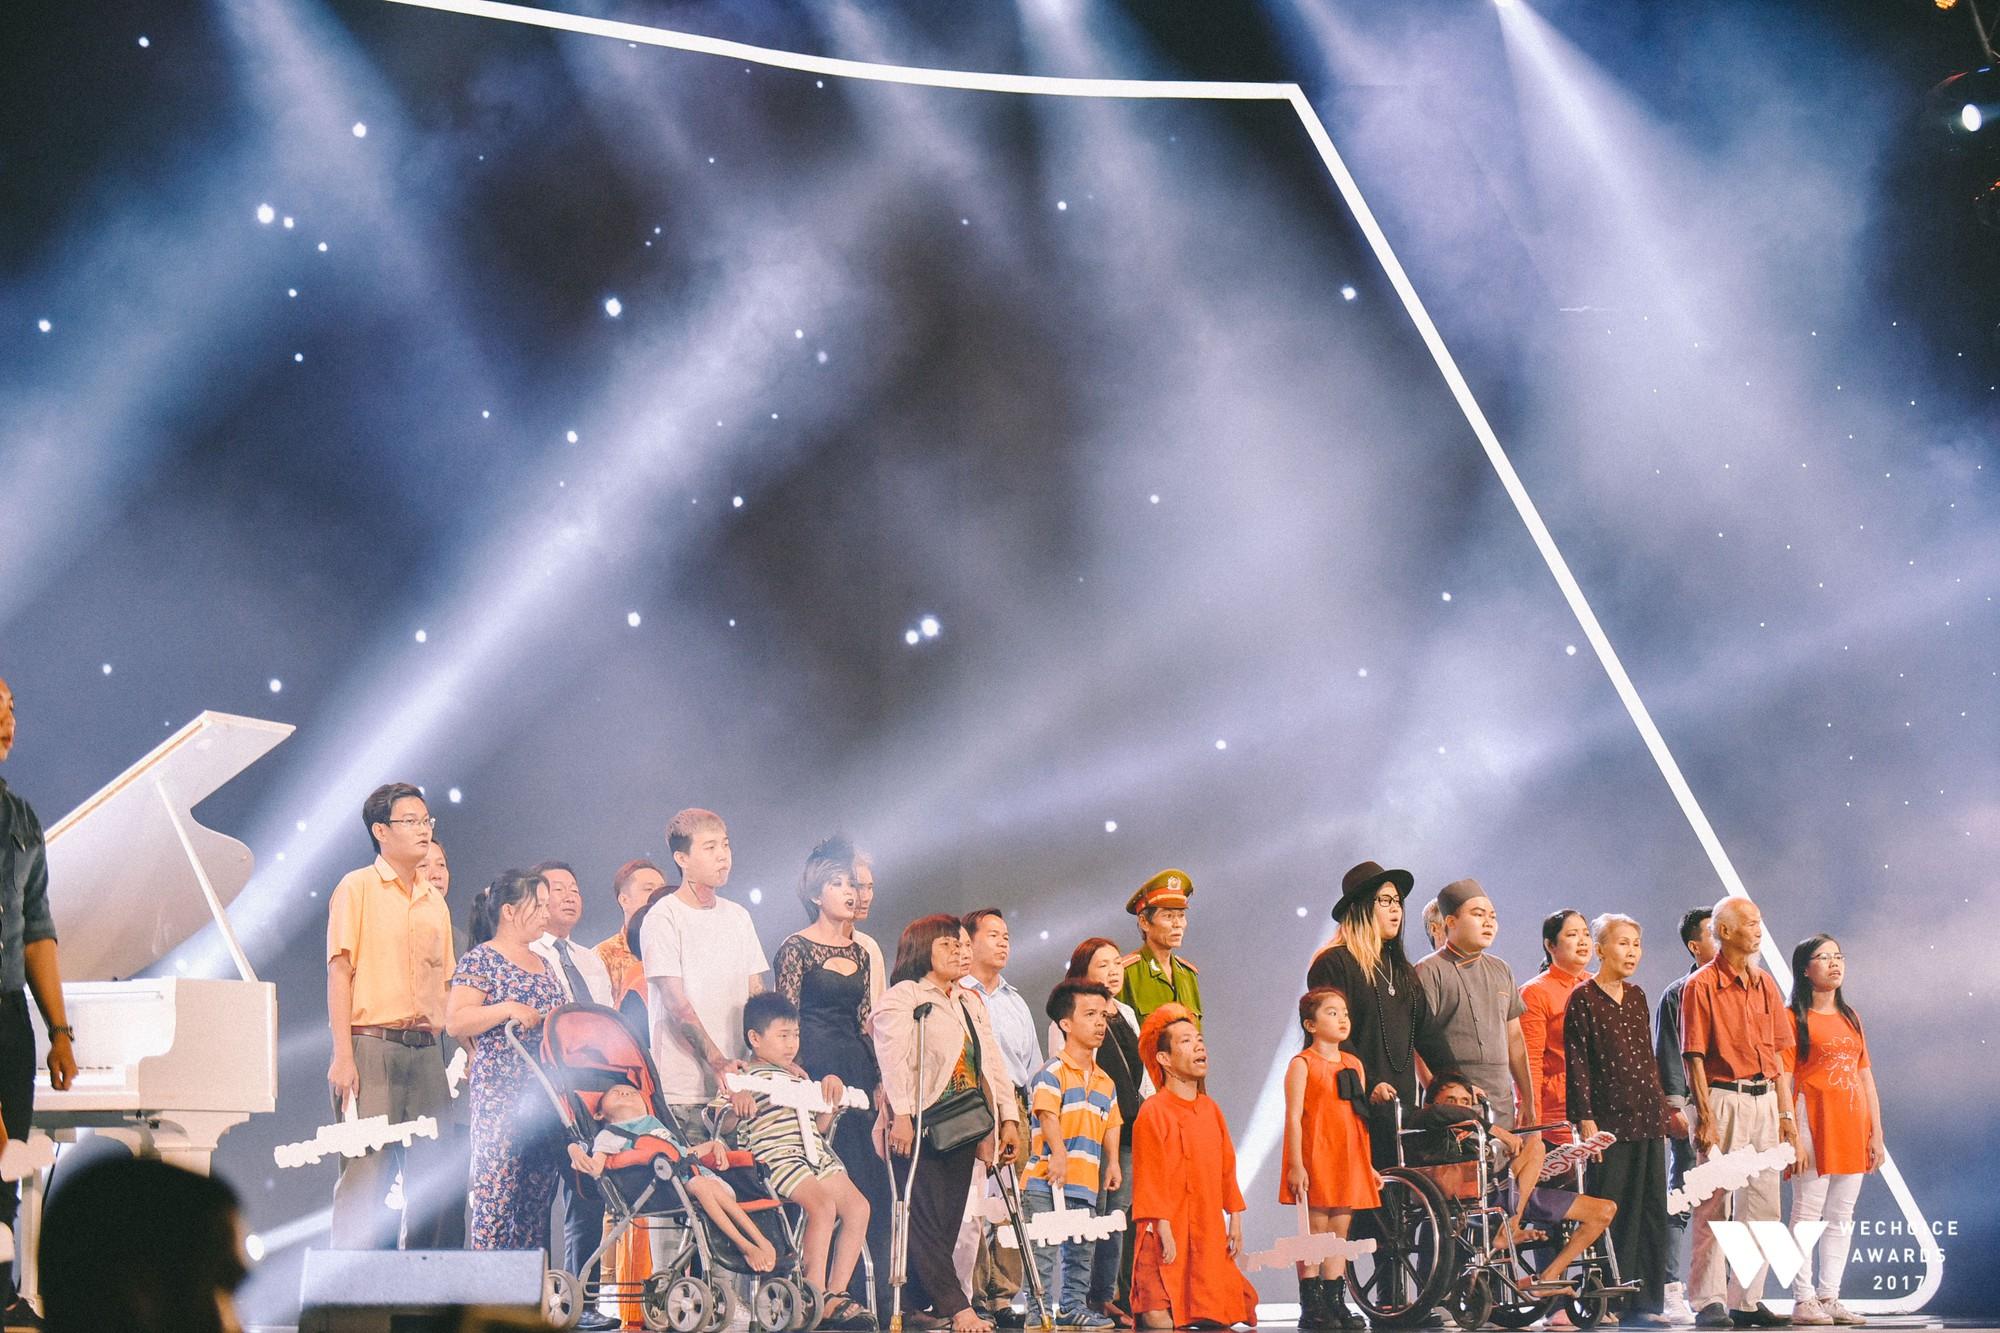 Gala WeChoice Awards 2017 và loạt khoảnh khắc chạm đến trái tim khi những niềm cảm hứng được tôn vinh! - Ảnh 11.